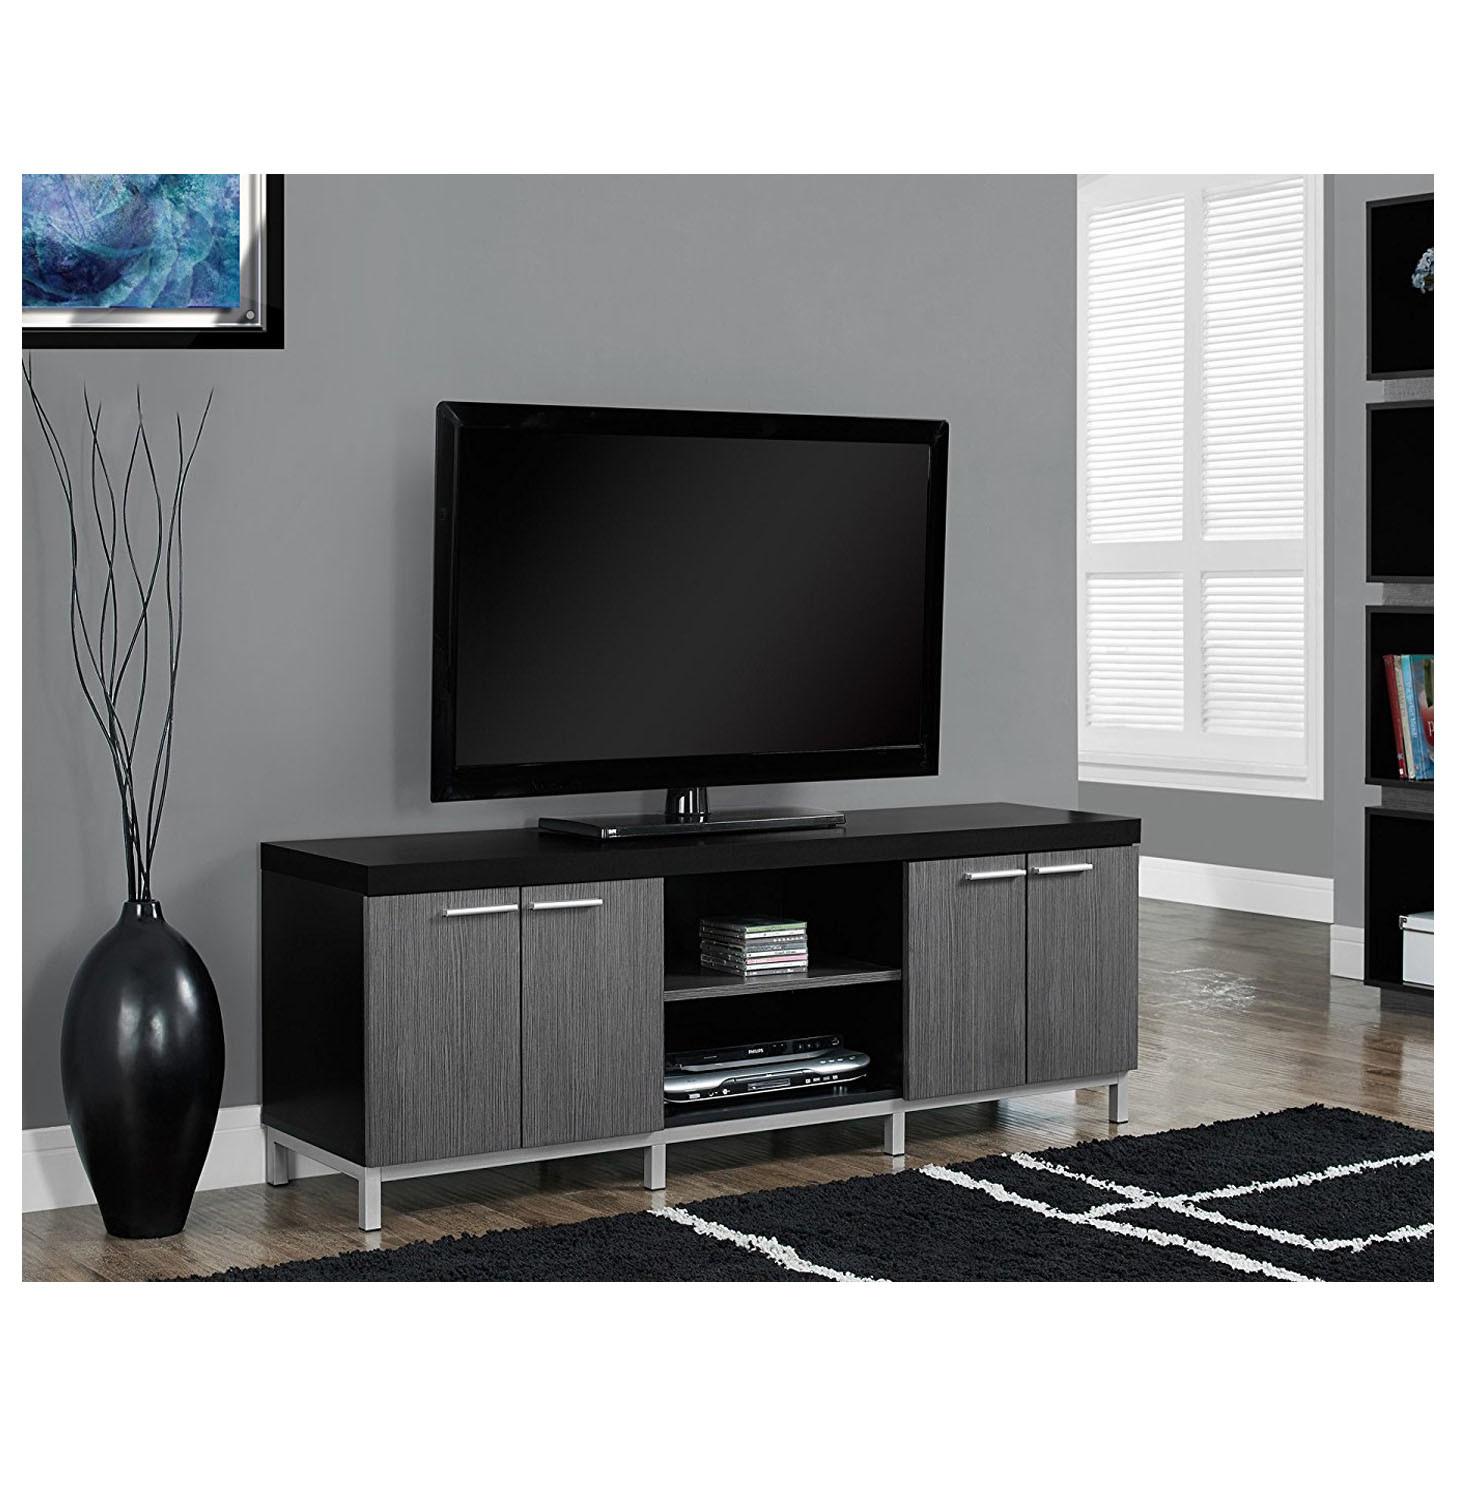 China Wooden Tv Stand Furniture Design Model Cabinet Led Light